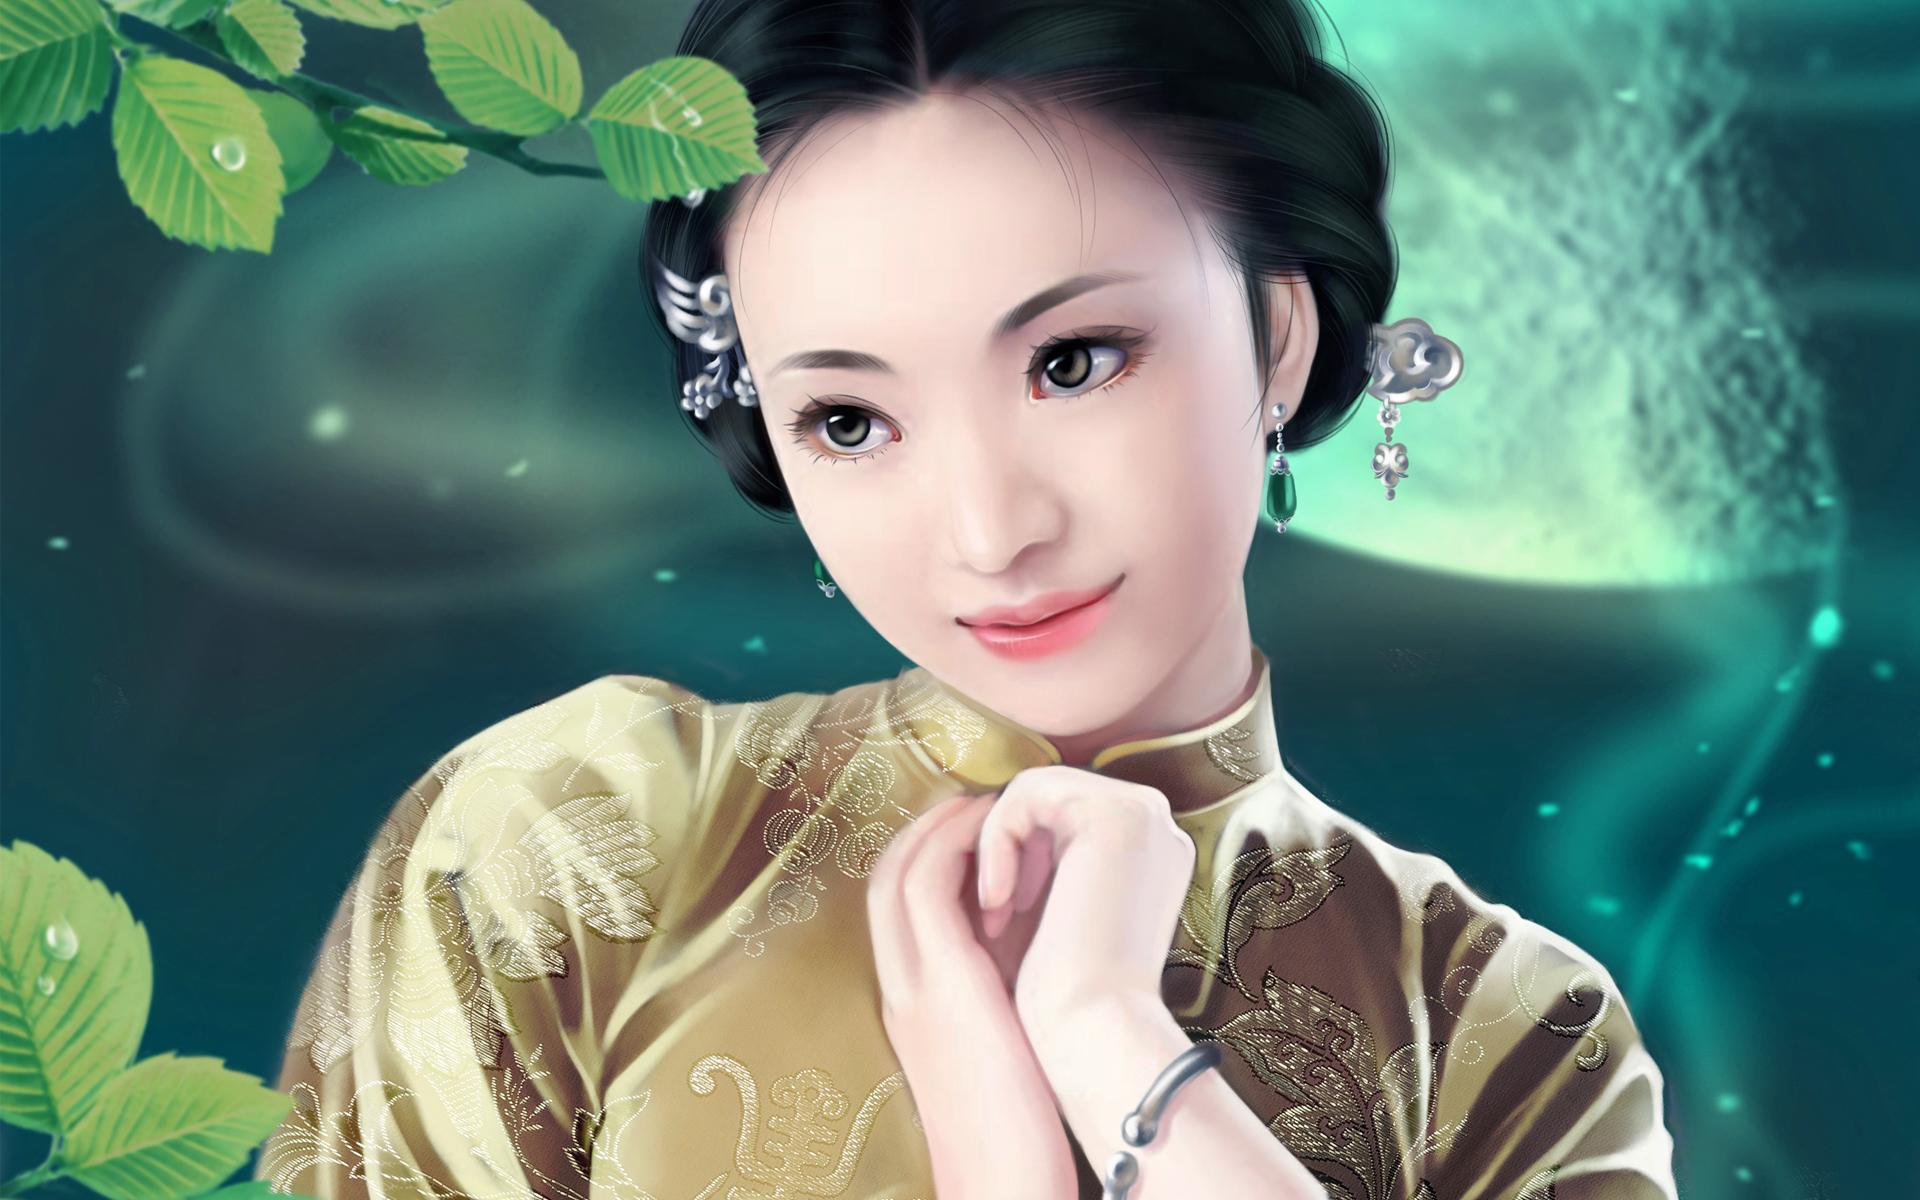 картинки китаянок в хорошем качестве этим чудом природы